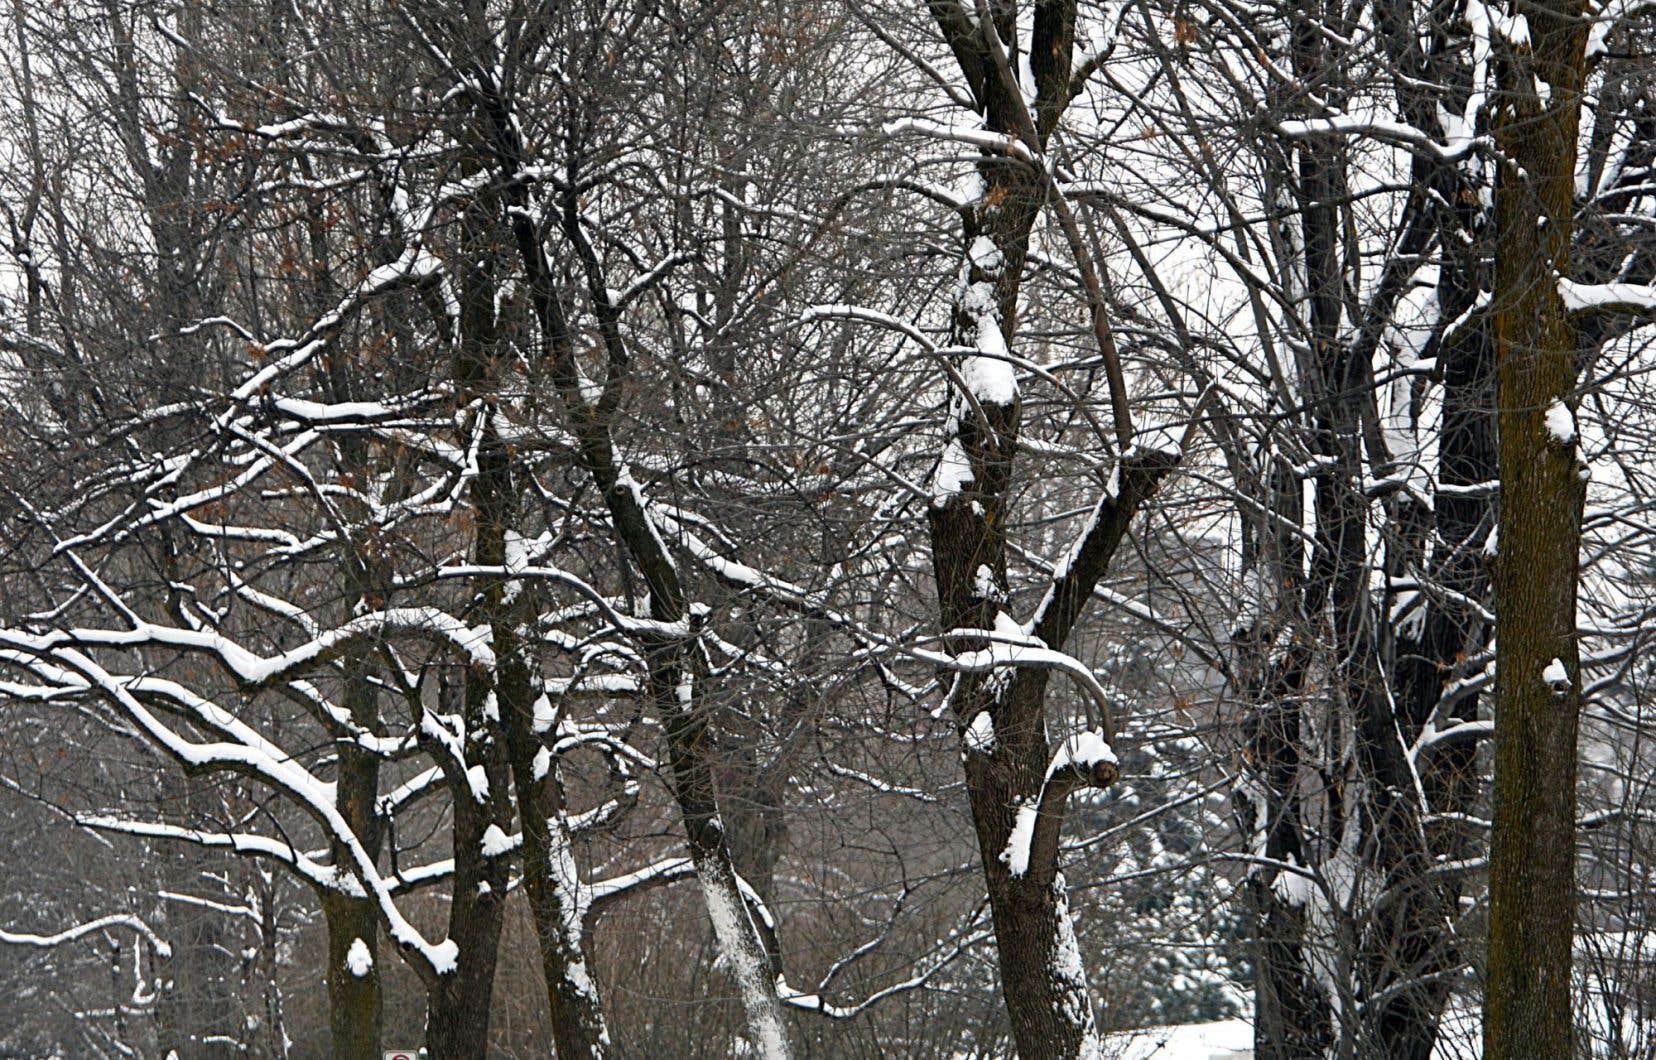 «En novembre, une feuille d'un jaune éclatant tenait encore dans un arbre; le mouvement de celle-ci beau comme un accompagnement musical», écrit Olivier Bourque.